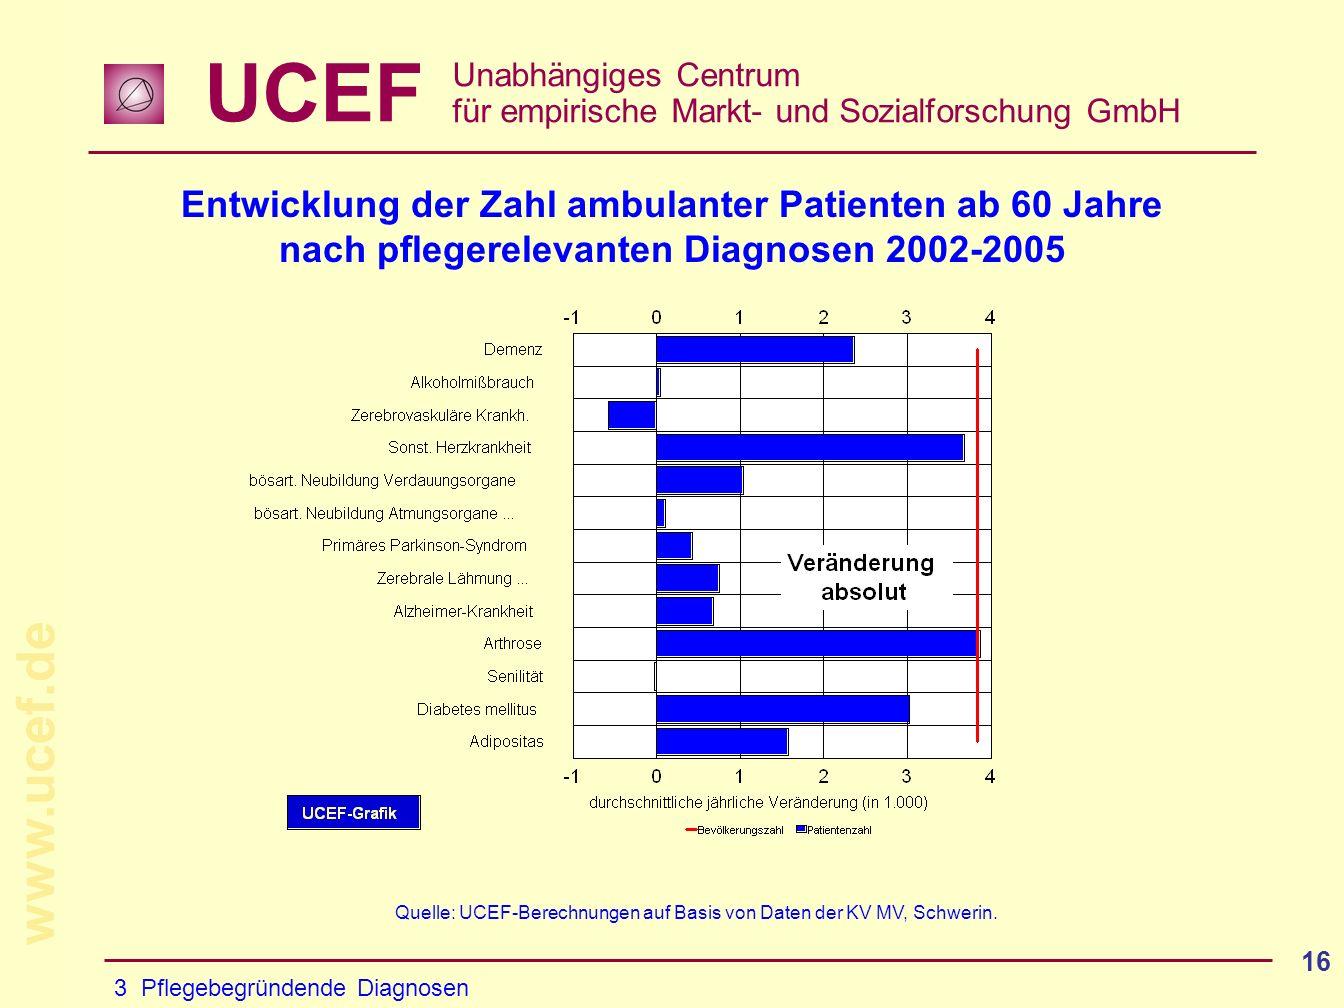 UCEF Unabhängiges Centrum für empirische Markt- und Sozialforschung GmbH www.ucef.de 16 Entwicklung der Zahl ambulanter Patienten ab 60 Jahre nach pflegerelevanten Diagnosen 2002-2005 3 Pflegebegründende Diagnosen Quelle: UCEF-Berechnungen auf Basis von Daten der KV MV, Schwerin.